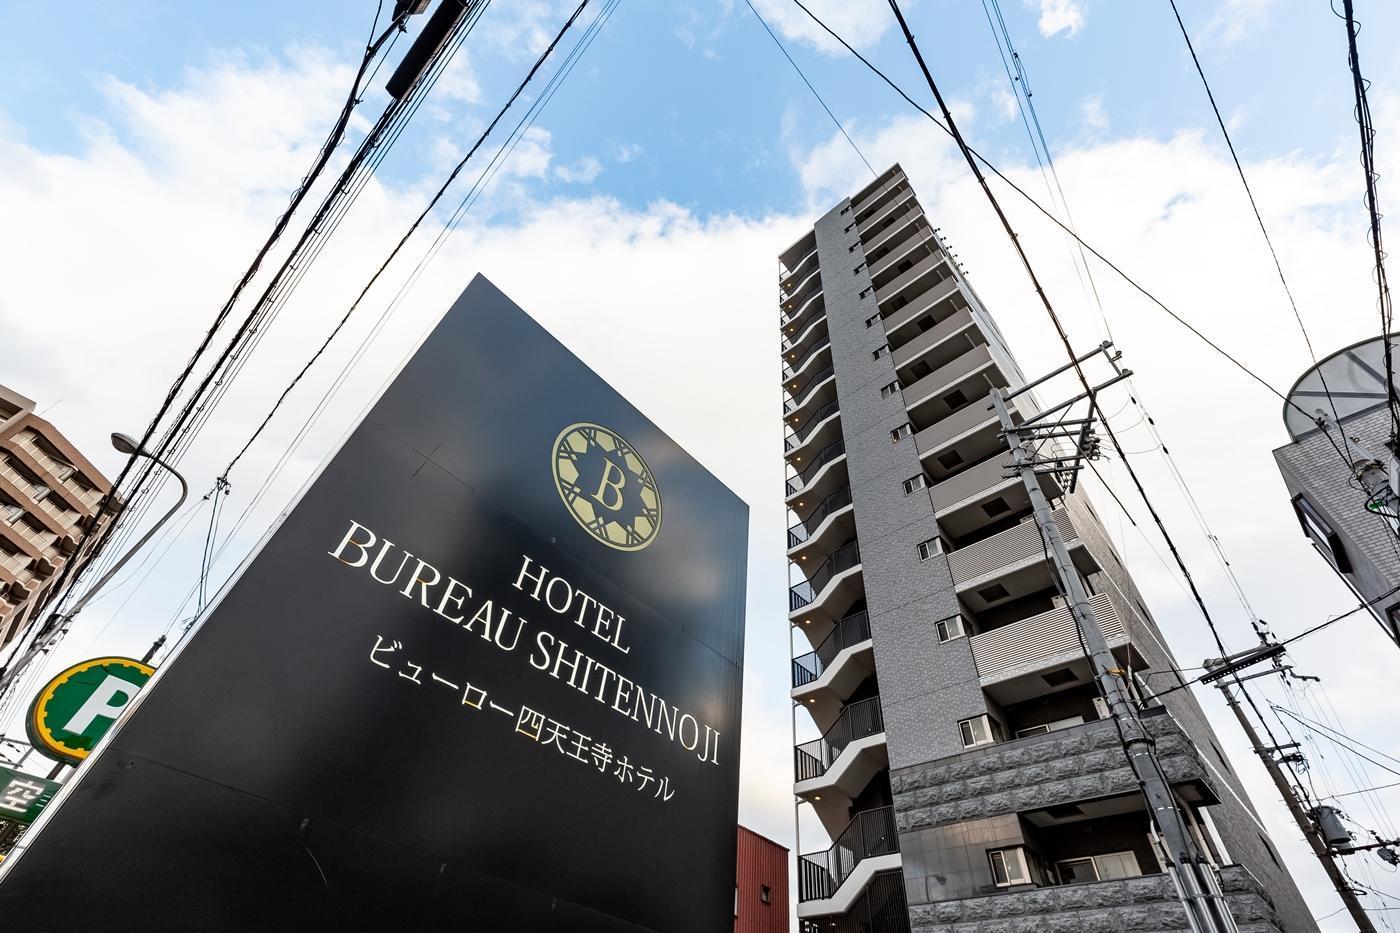 Hotel Bureau Shitennoji